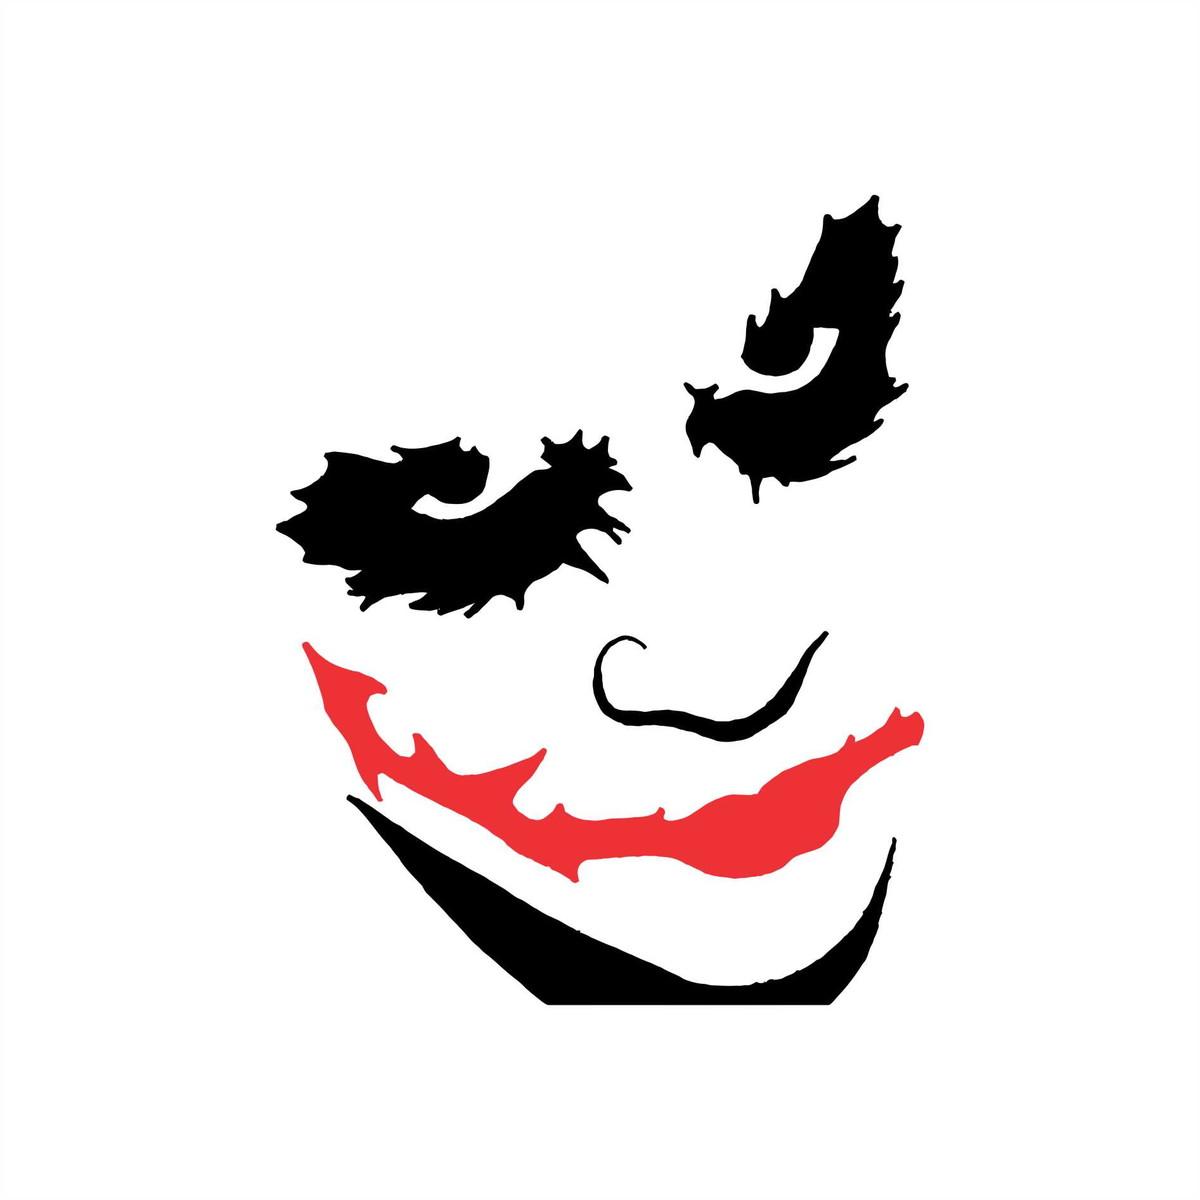 Adesivo Batman Coringa Joker 02 10x8cm No Elo7 Queen